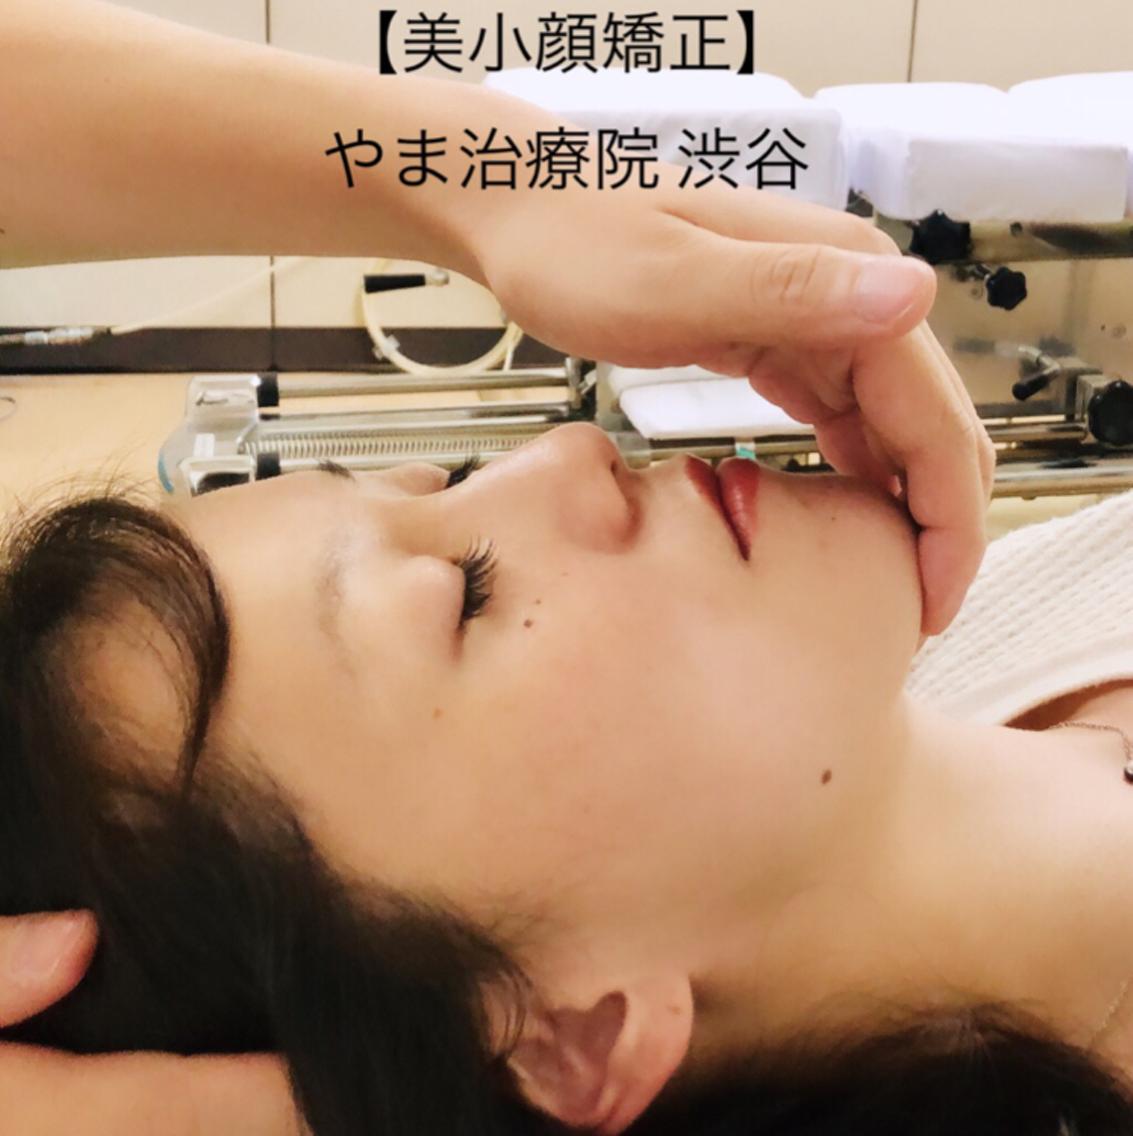 【美小顔整体サロン】やま治療院渋谷所属・美小顔整体やま治療院の掲載